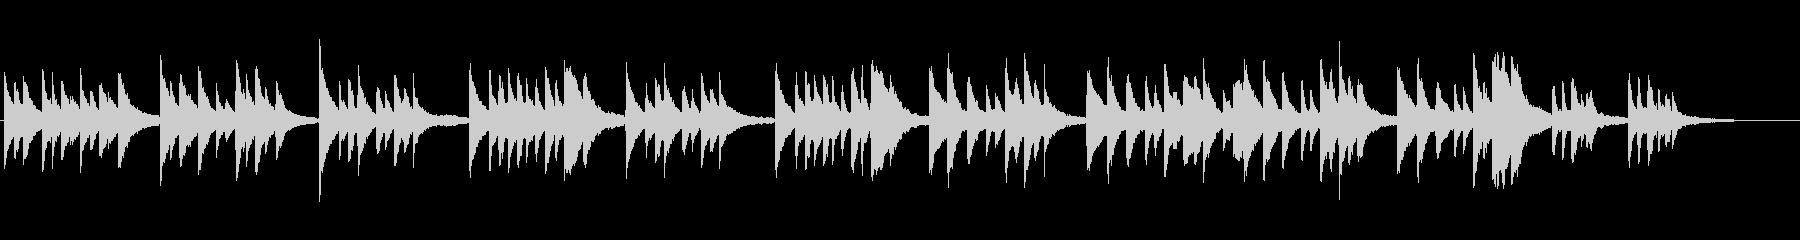 雅な雰囲気の日本的な曲[piano]の未再生の波形